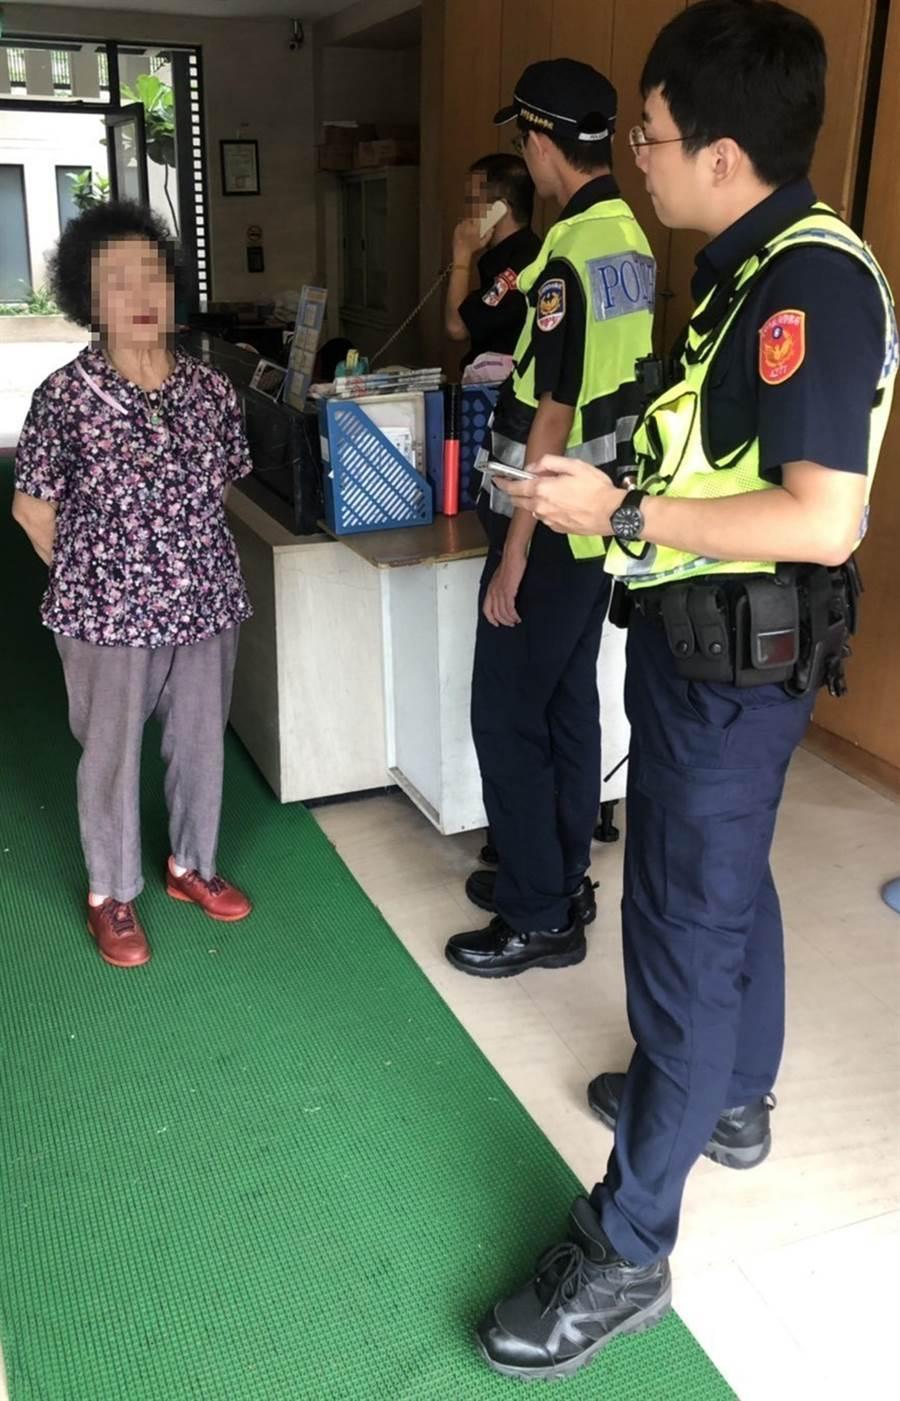 陳姓婦人借住女兒家,外出洗頭後,卻忘了怎麼走回去,員警帶著她挨家挨戶詢問。(黃國峰翻攝)